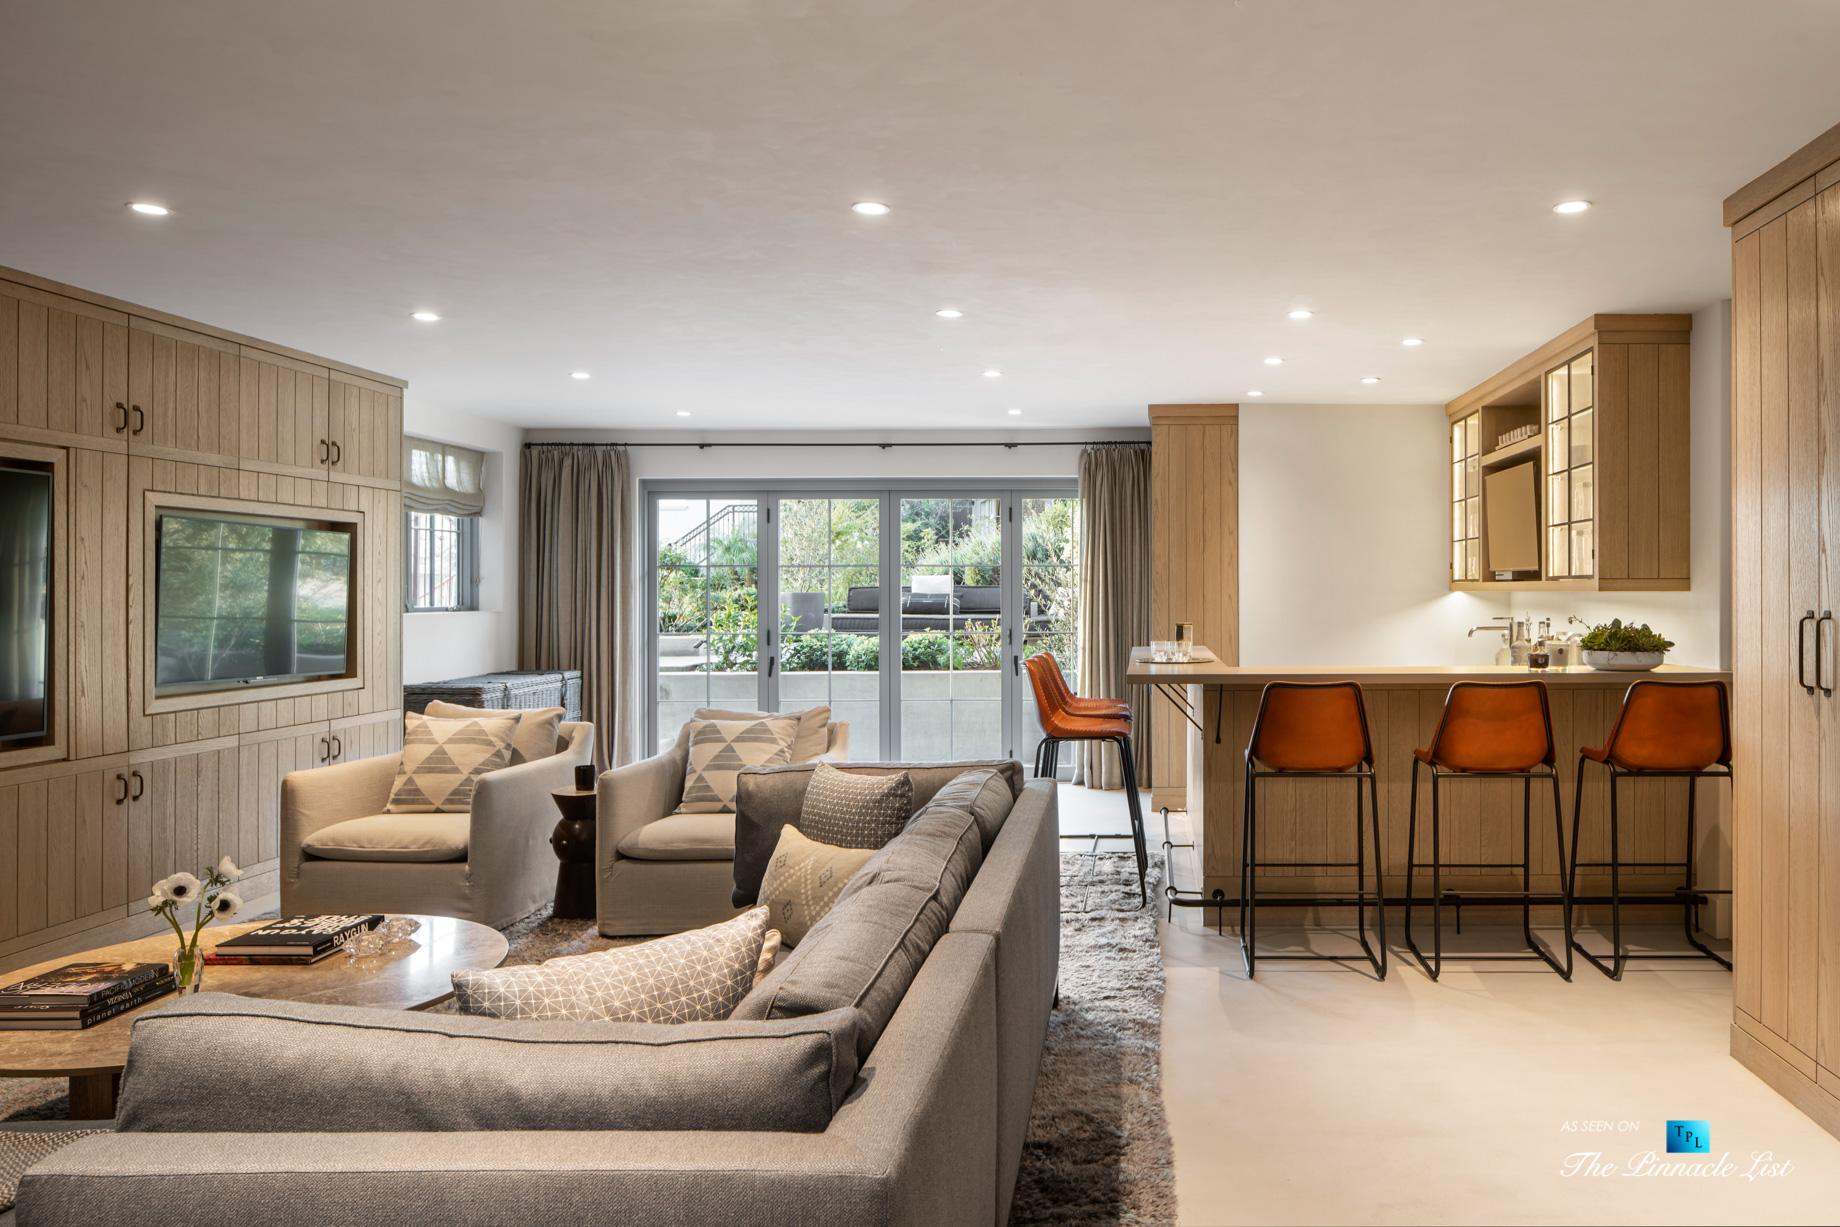 a220 8th St, Manhattan Beach, CA, USA – Luxury Real Estate – Ocean View Dream Home – Entertainment Room and Bar